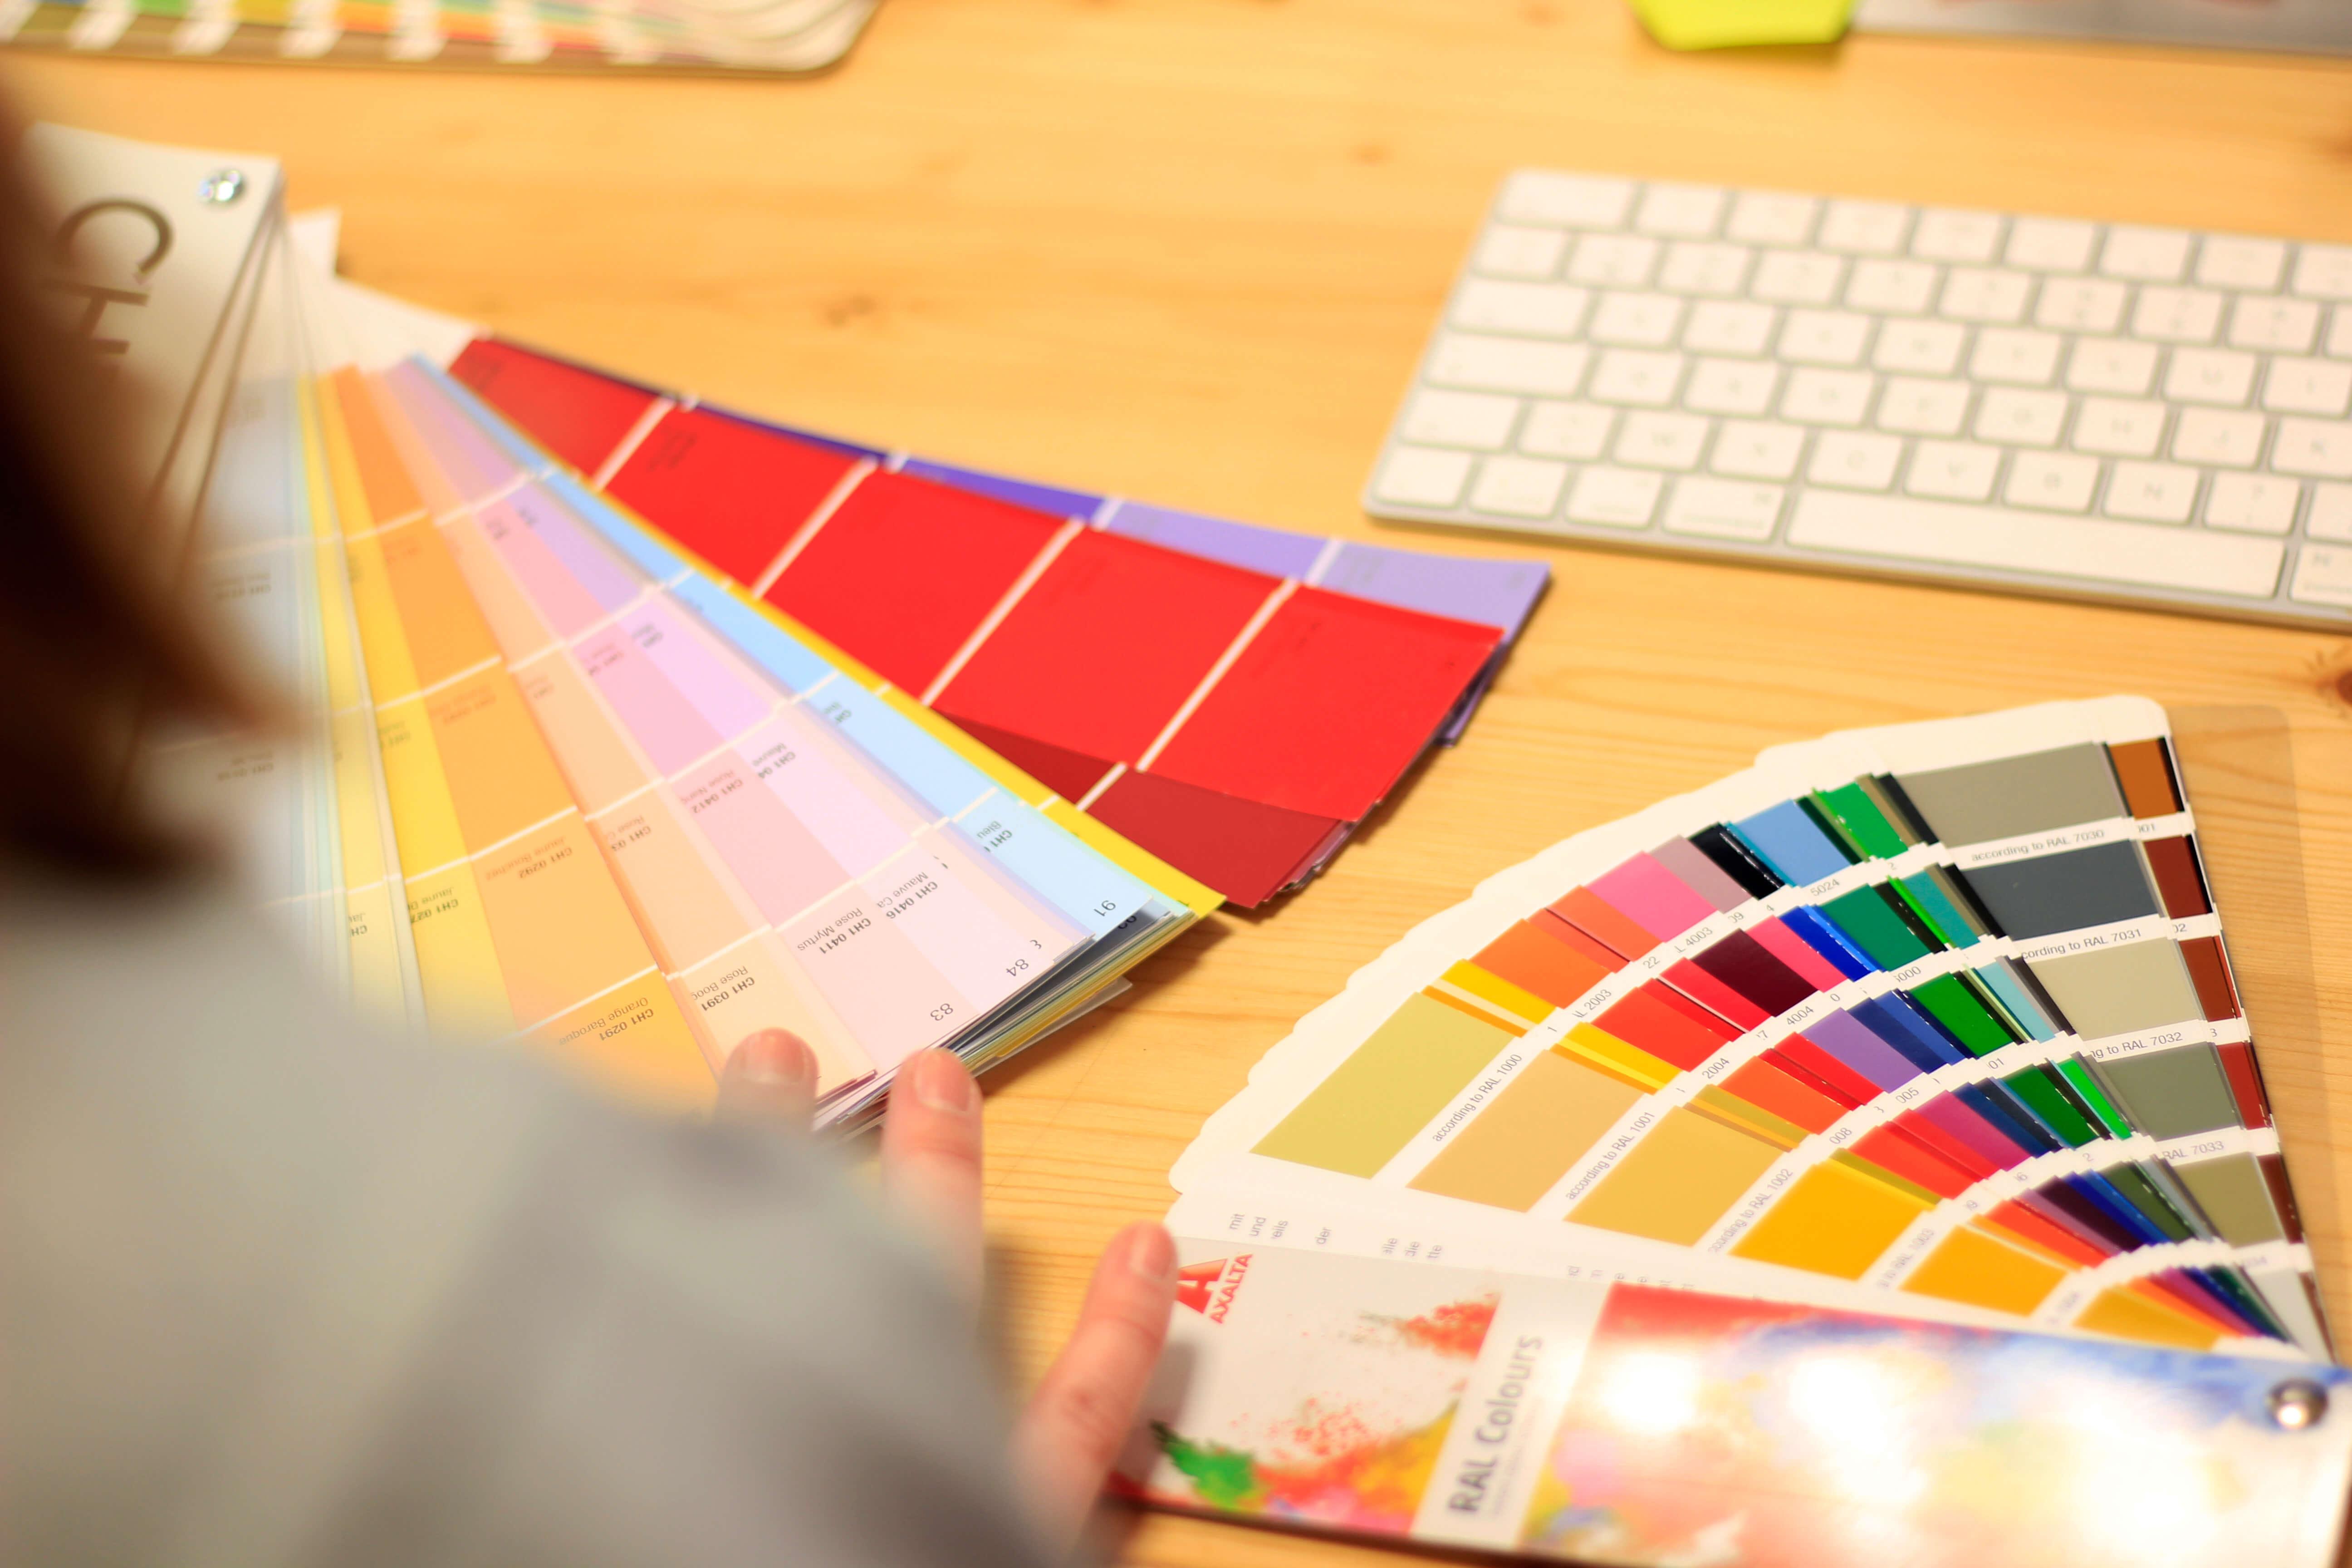 Développement technique: développement de plans, dessins, solutions créatives, méthodologie, méthode d'assemblage et modélisation 3D.